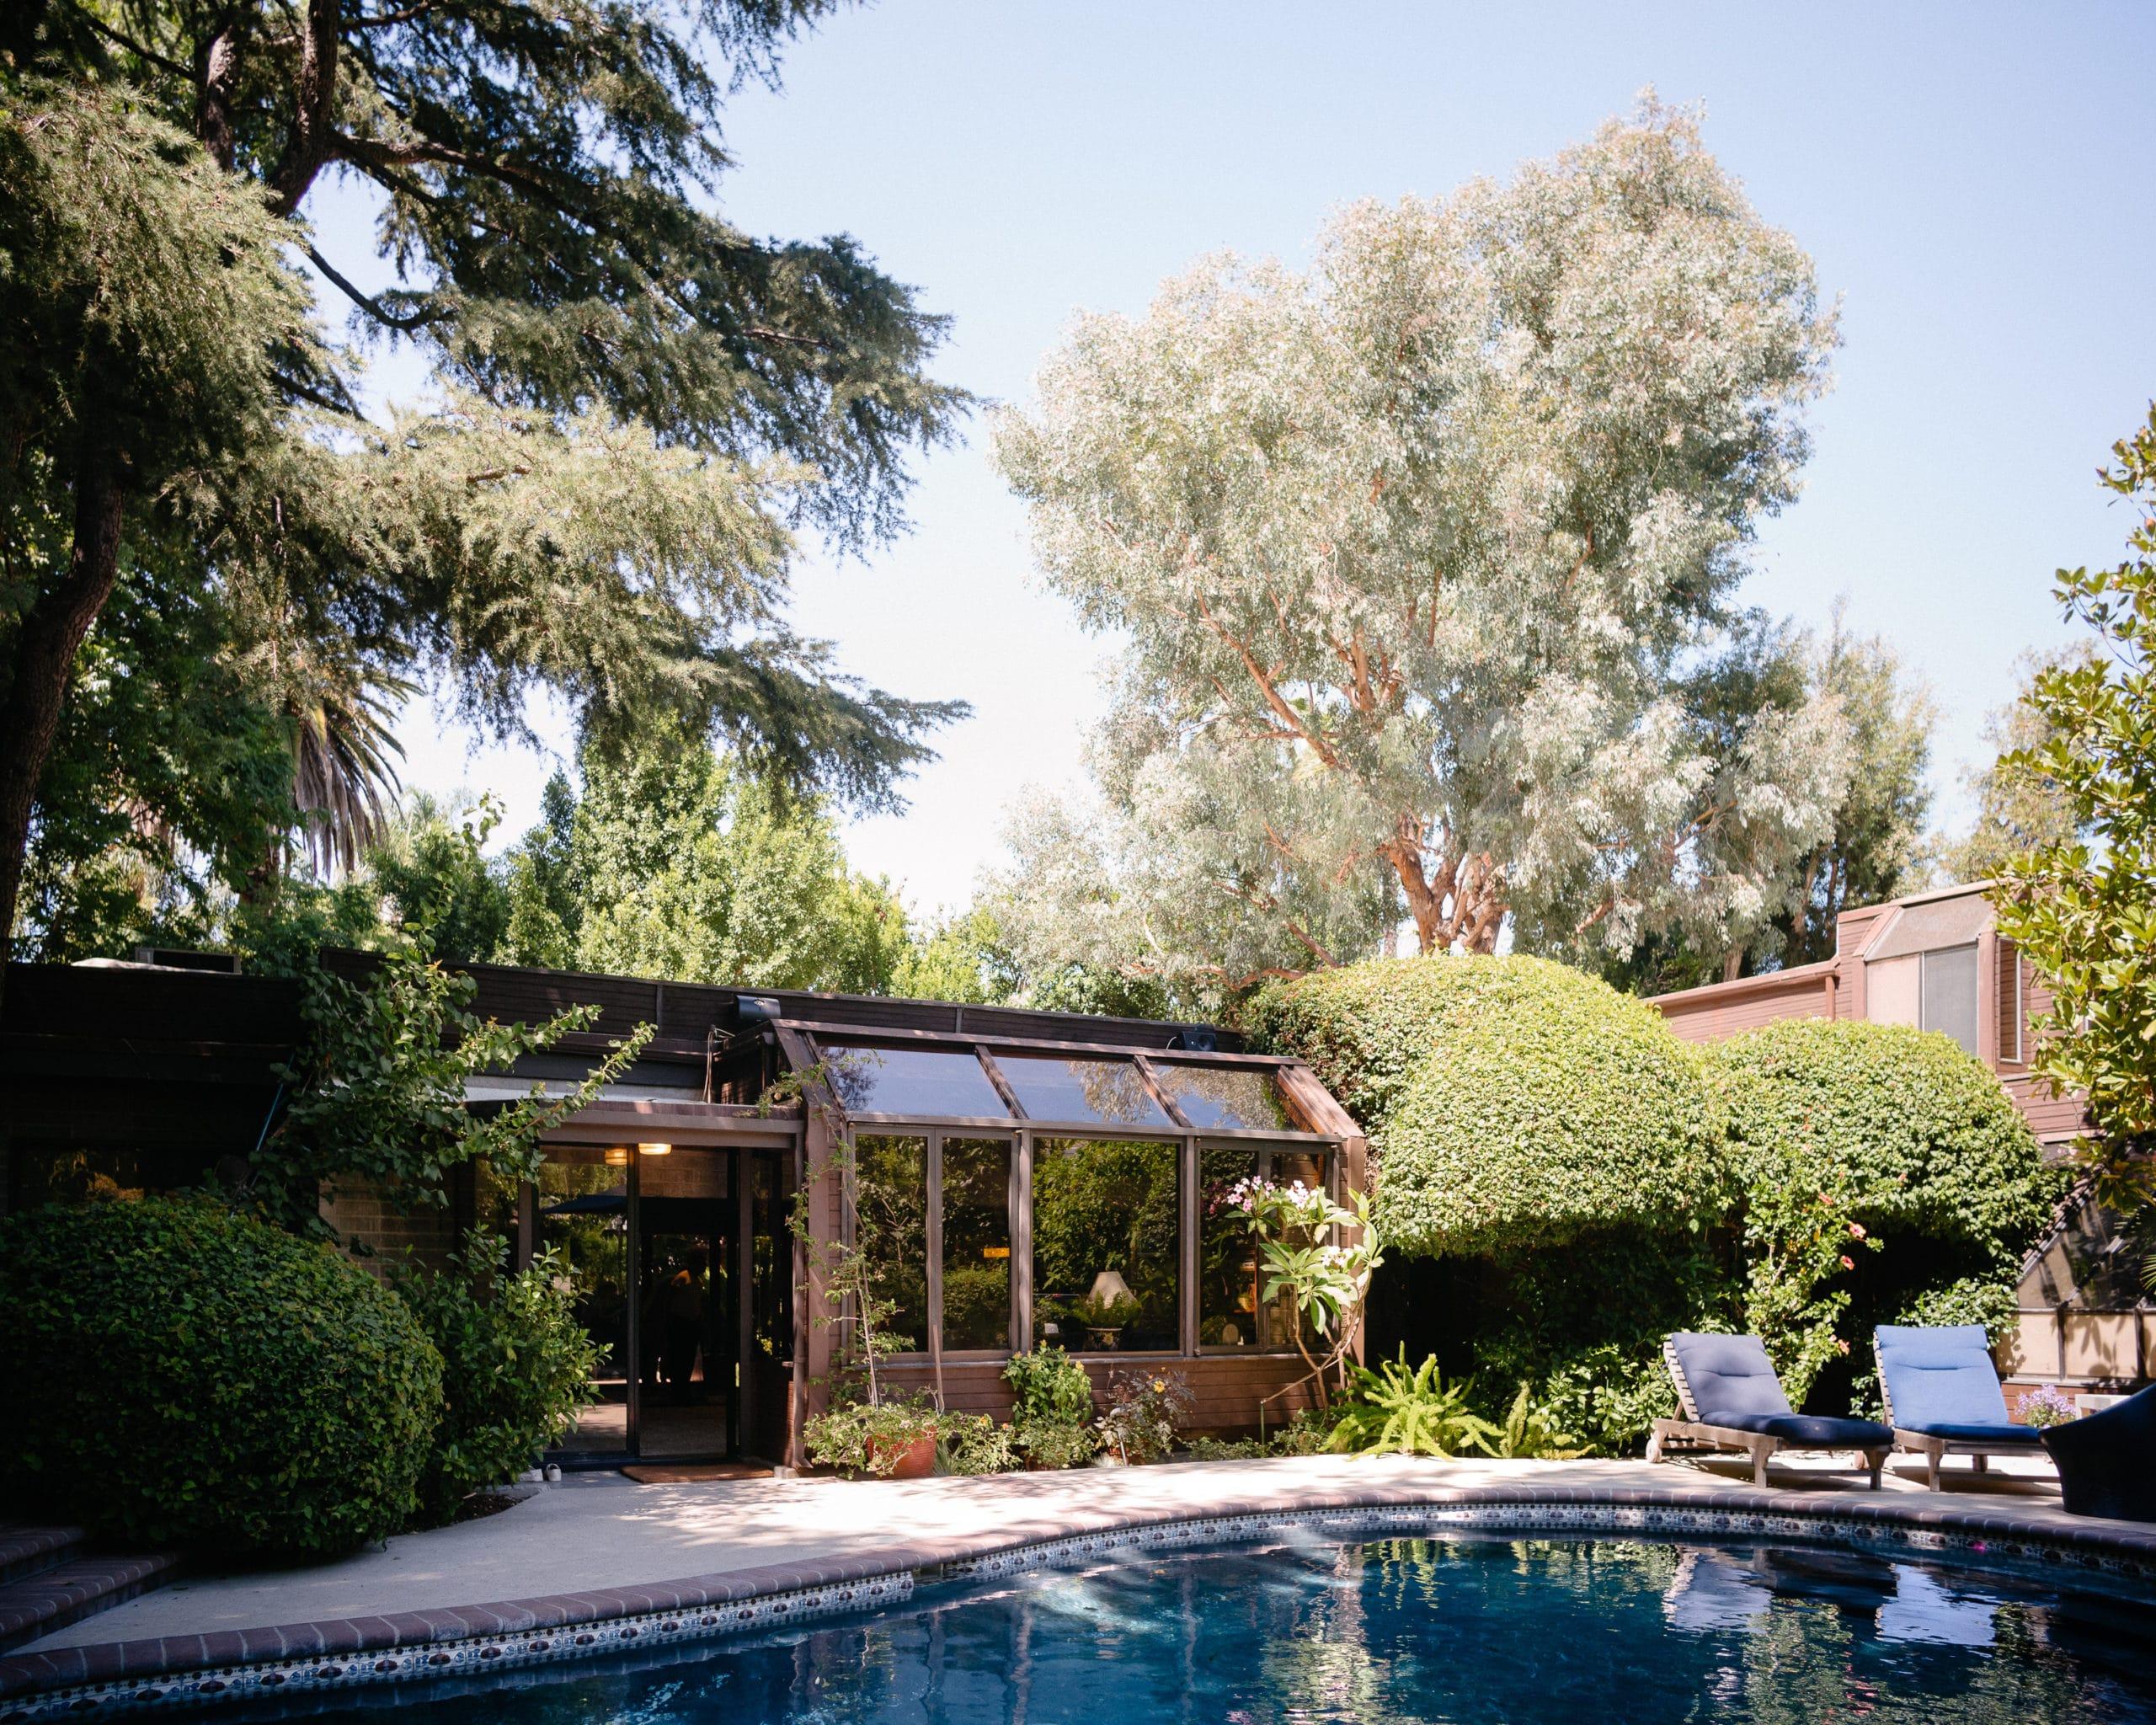 Immobilien Aufnahme eines luxuriösen Anwesens mit Pool in Los Angeles Kalifornien für ein Real Estate Expose |Fotograf in der Region Osnabrück Münster Bielefeld für Immobilienfotografie